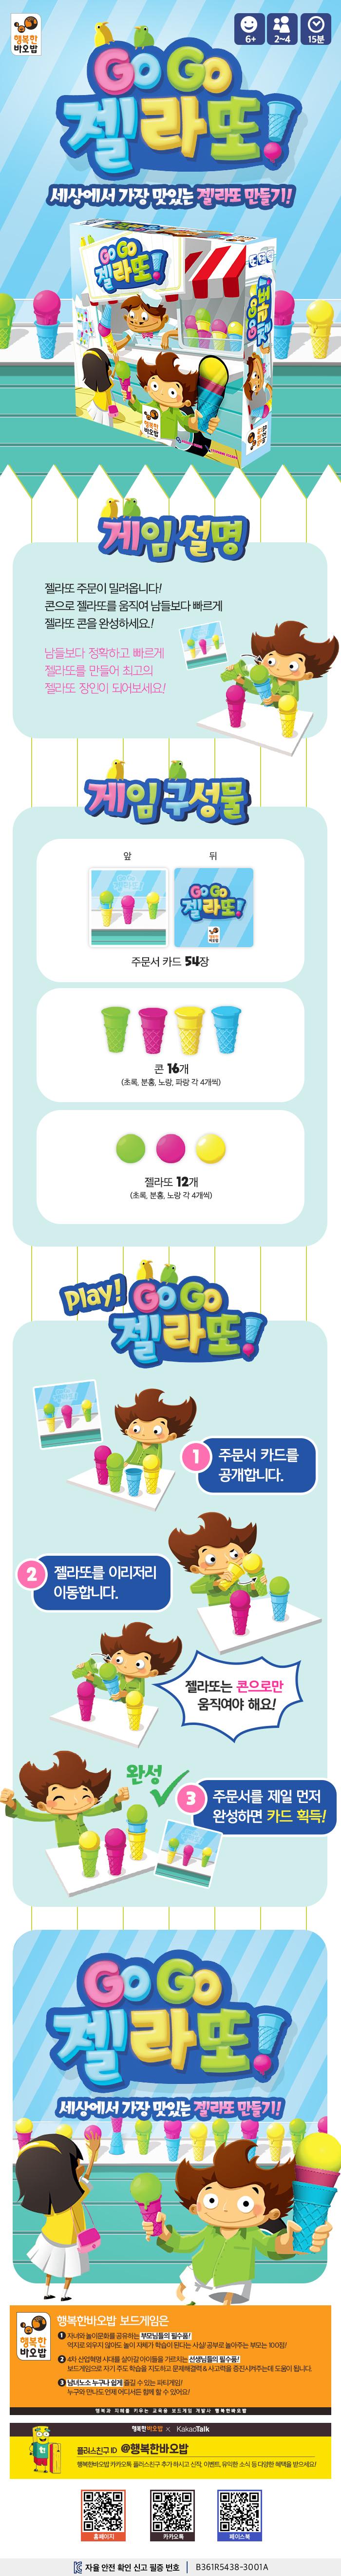 고고 젤라또/보드게임 - 피에스컴퍼니, 31,500원, 보드게임, 두뇌 게임